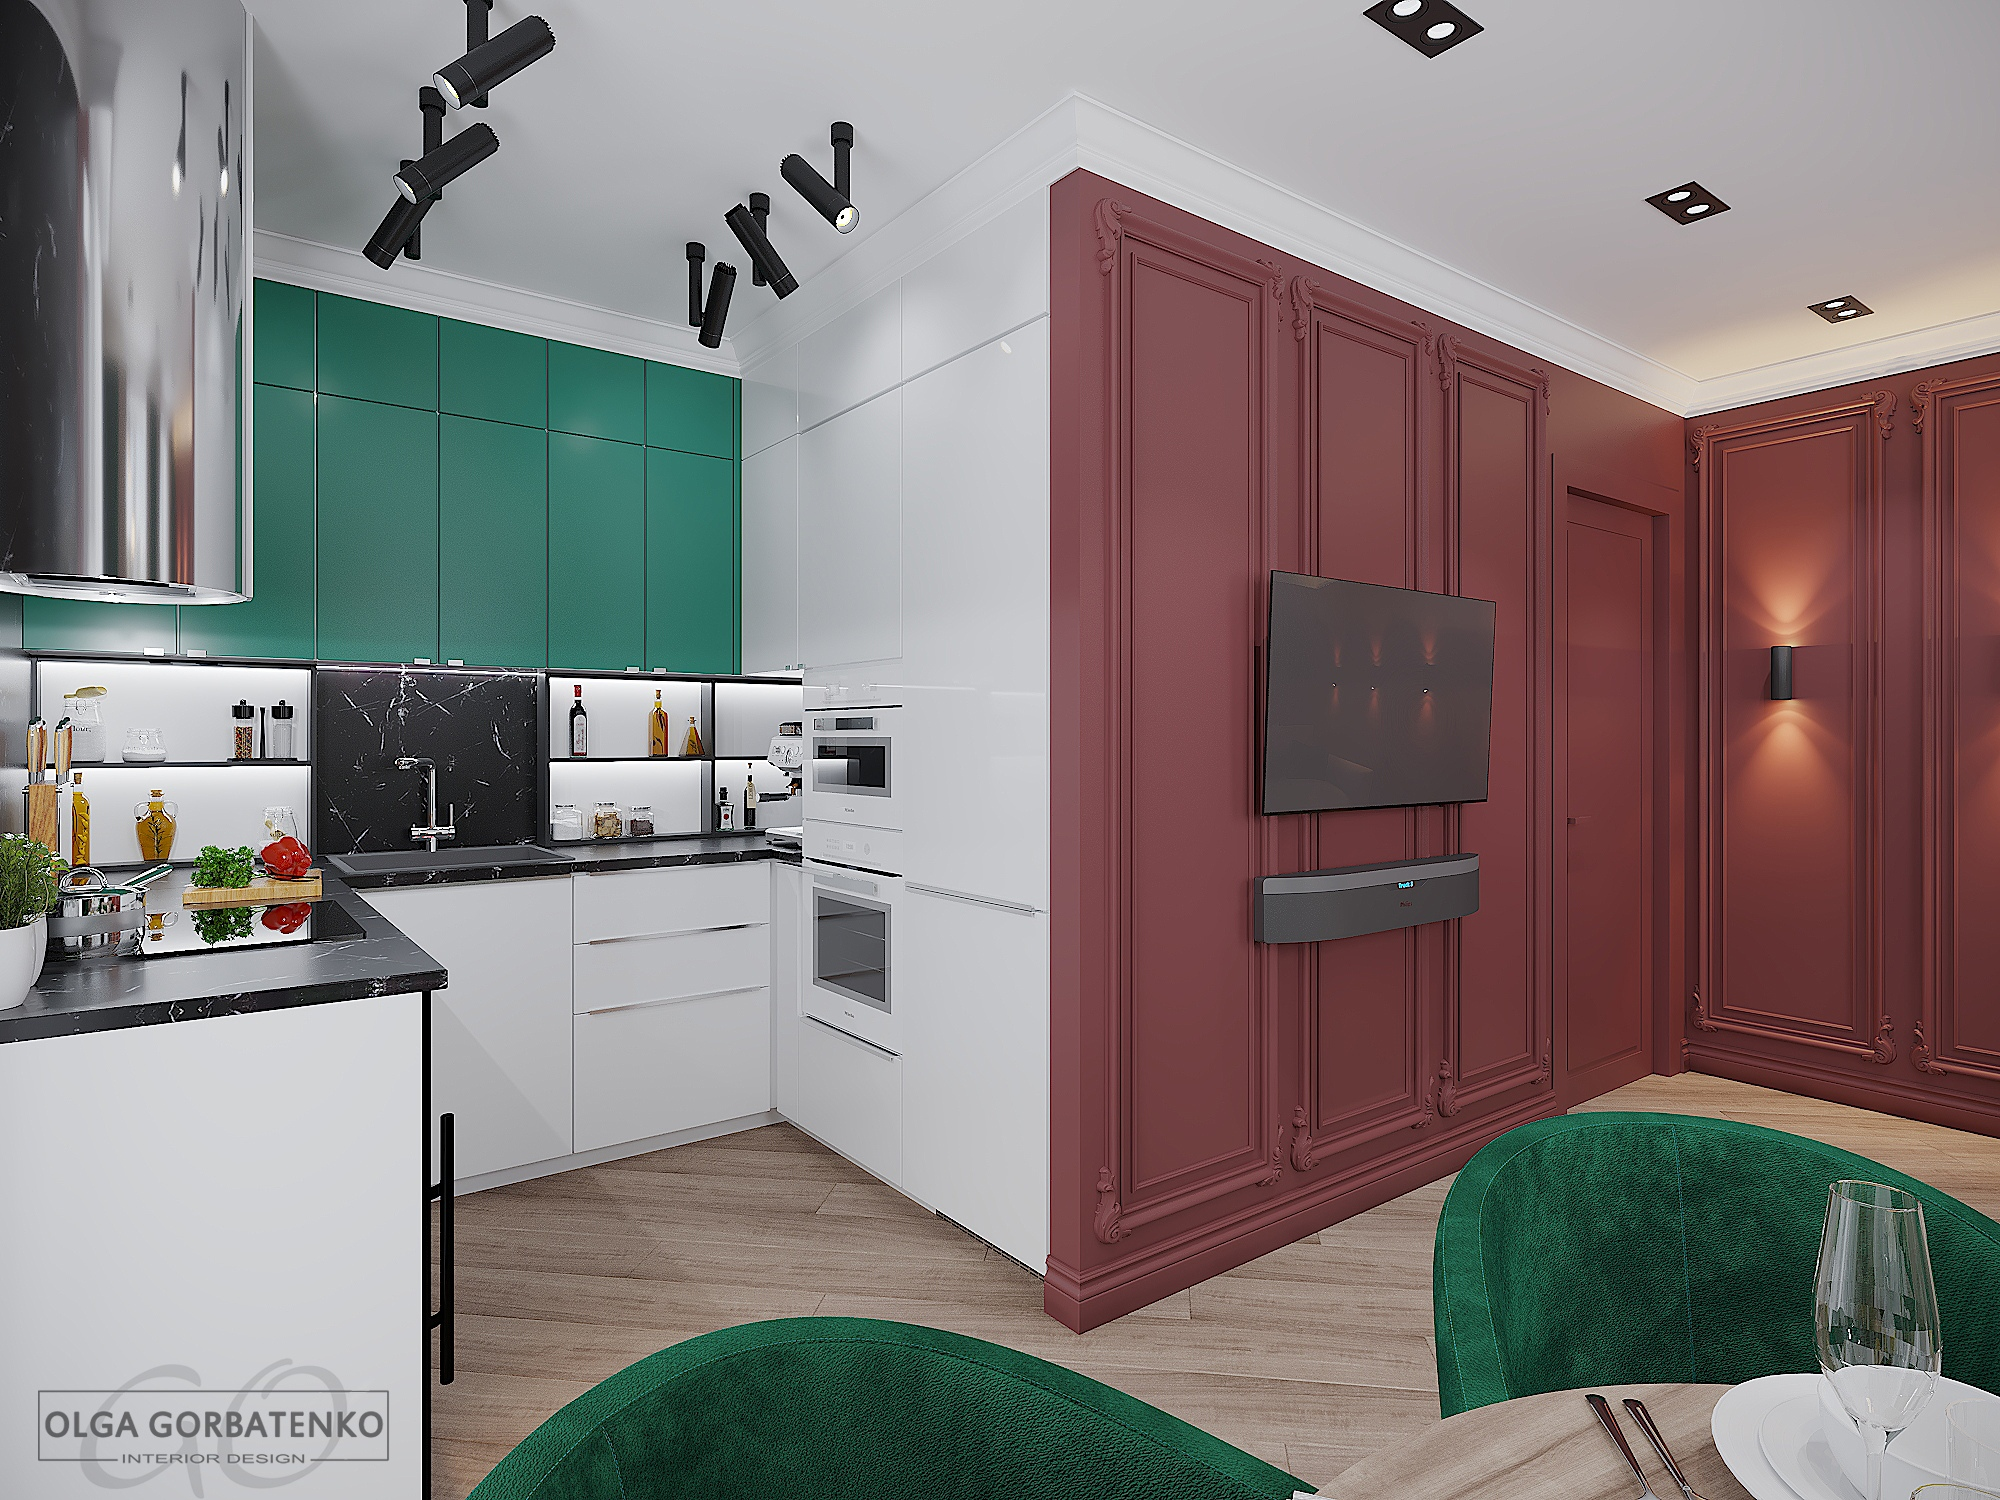 Кухня-гостиная в ярких тонах.